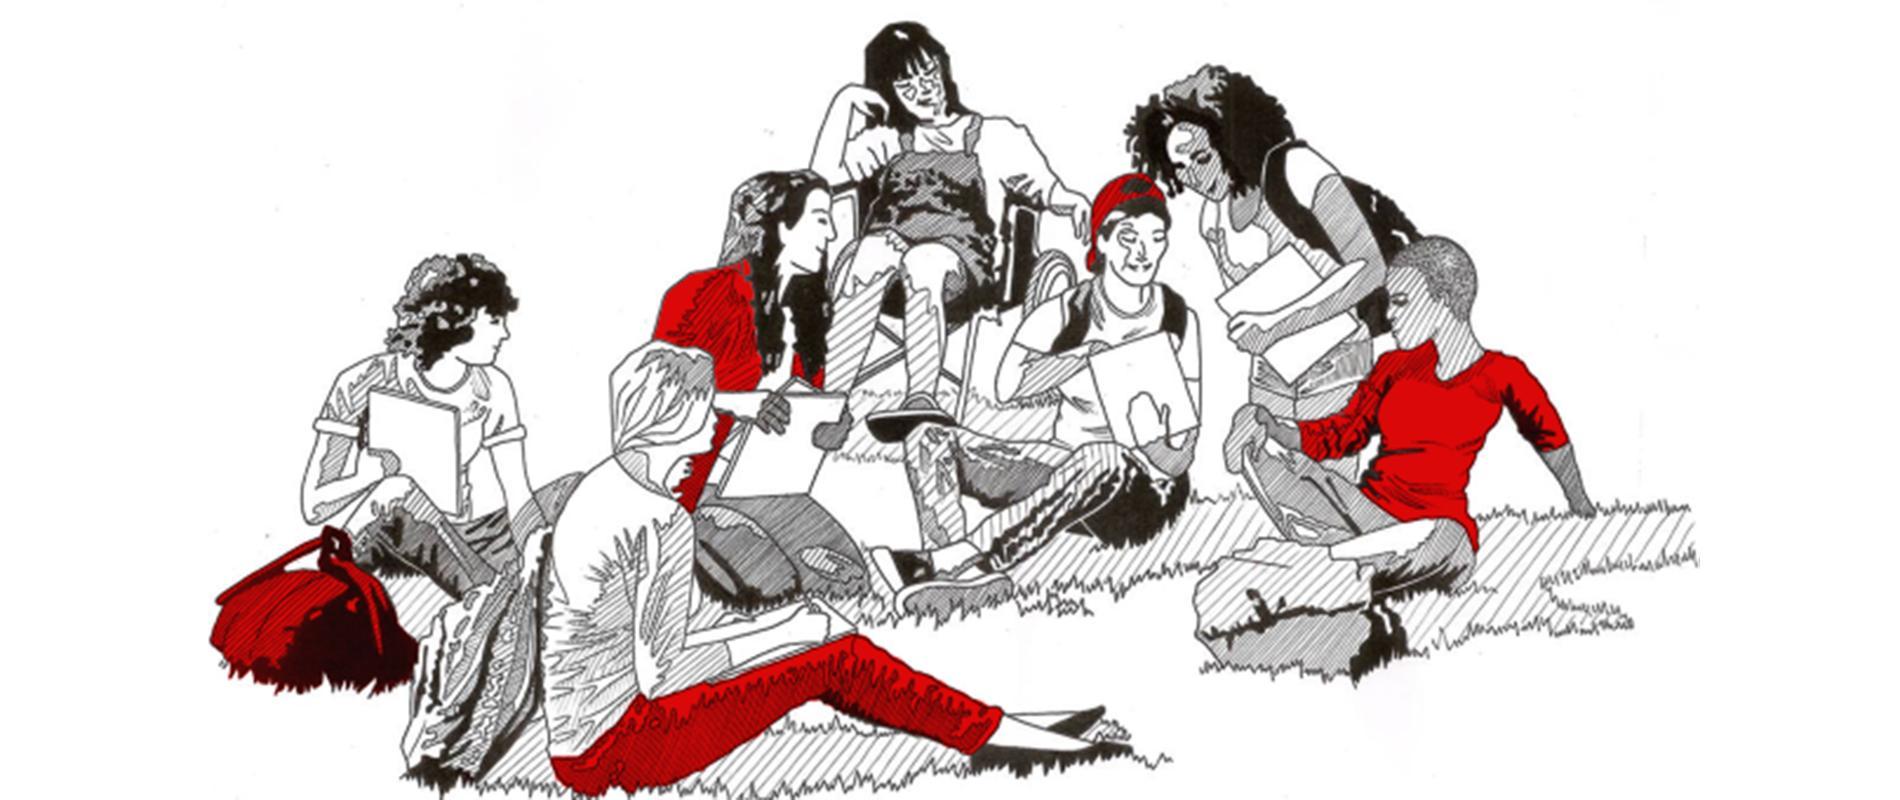 Des histoires lesbiennes passionnantes